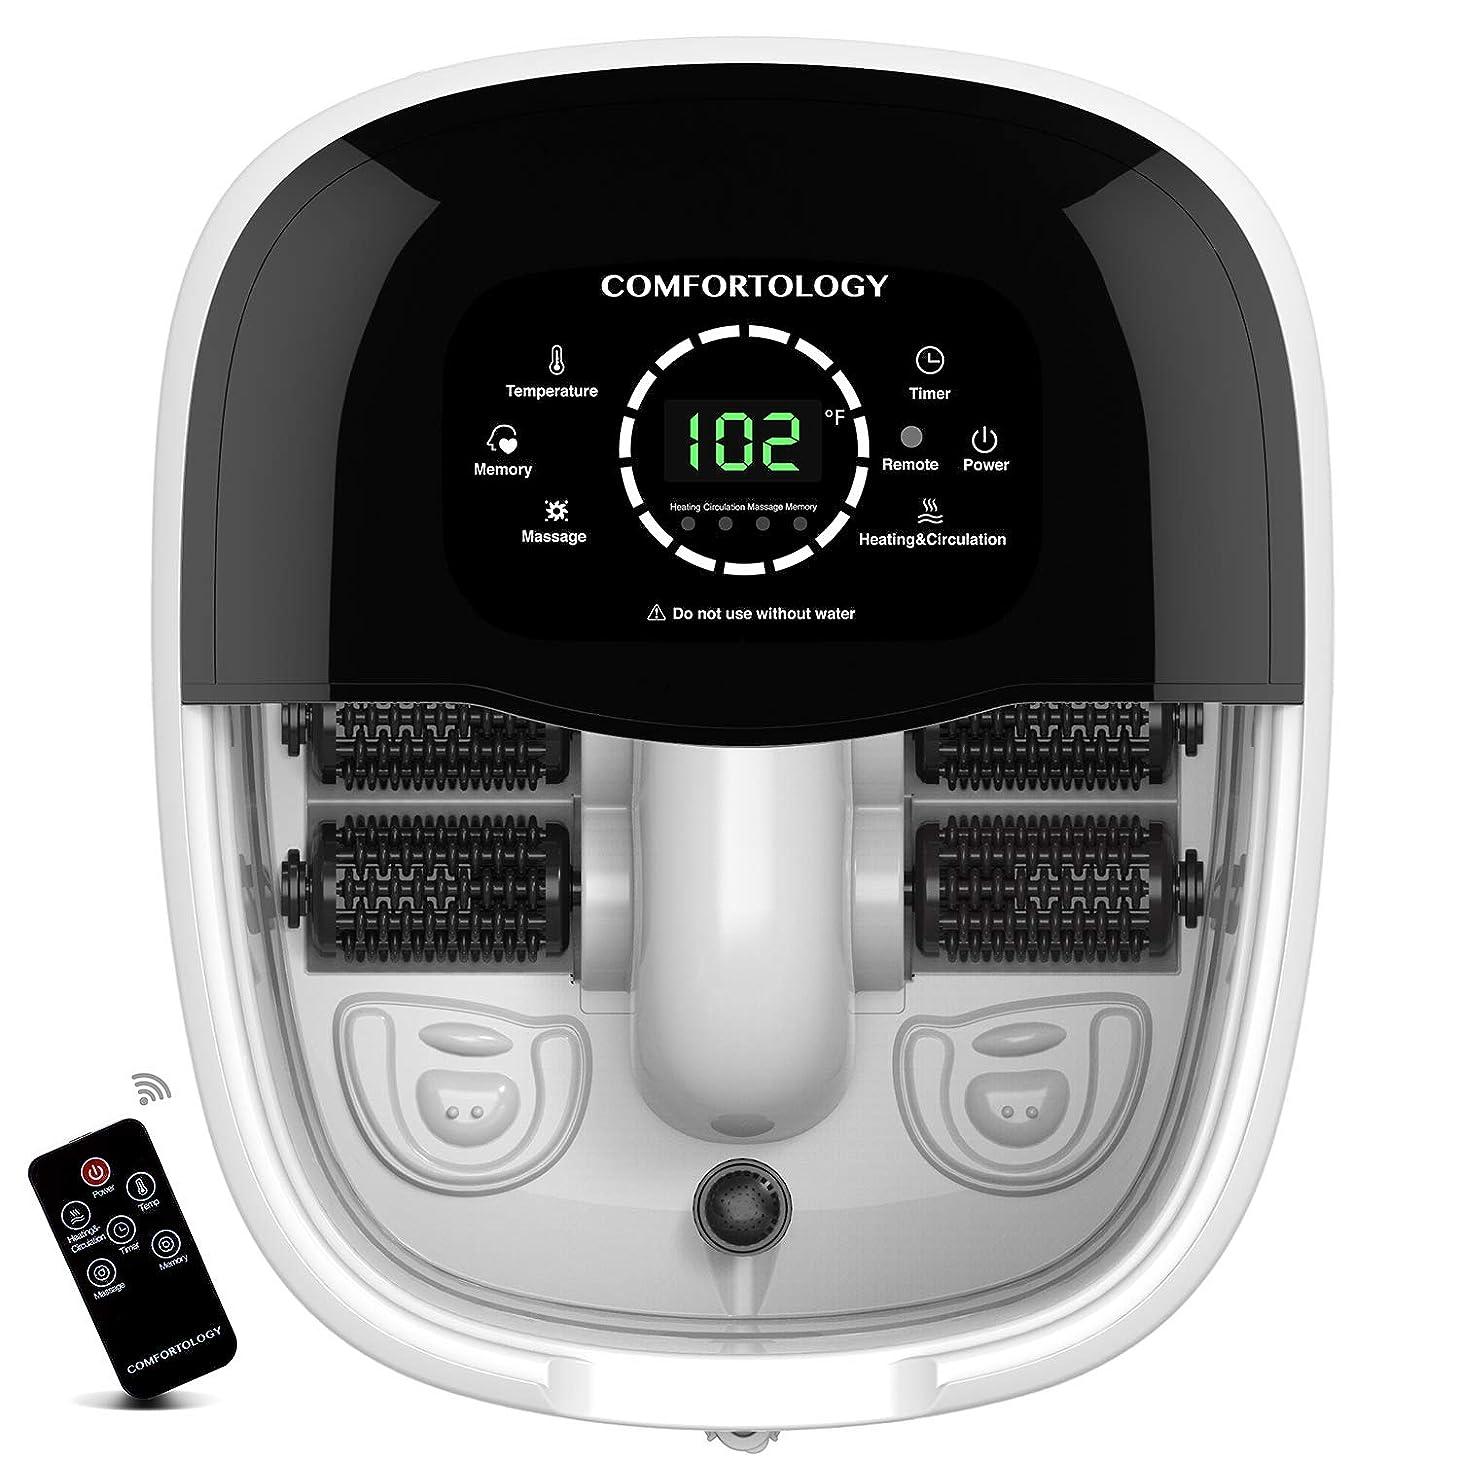 削除するシェル怒りCOMFORTOLOGY リークプルーフフットスパマッサージ - リモコン付き3層絶縁感電フリー4ローラ10リットルをマッサージ電動浴槽を特徴とする超高速加熱システム